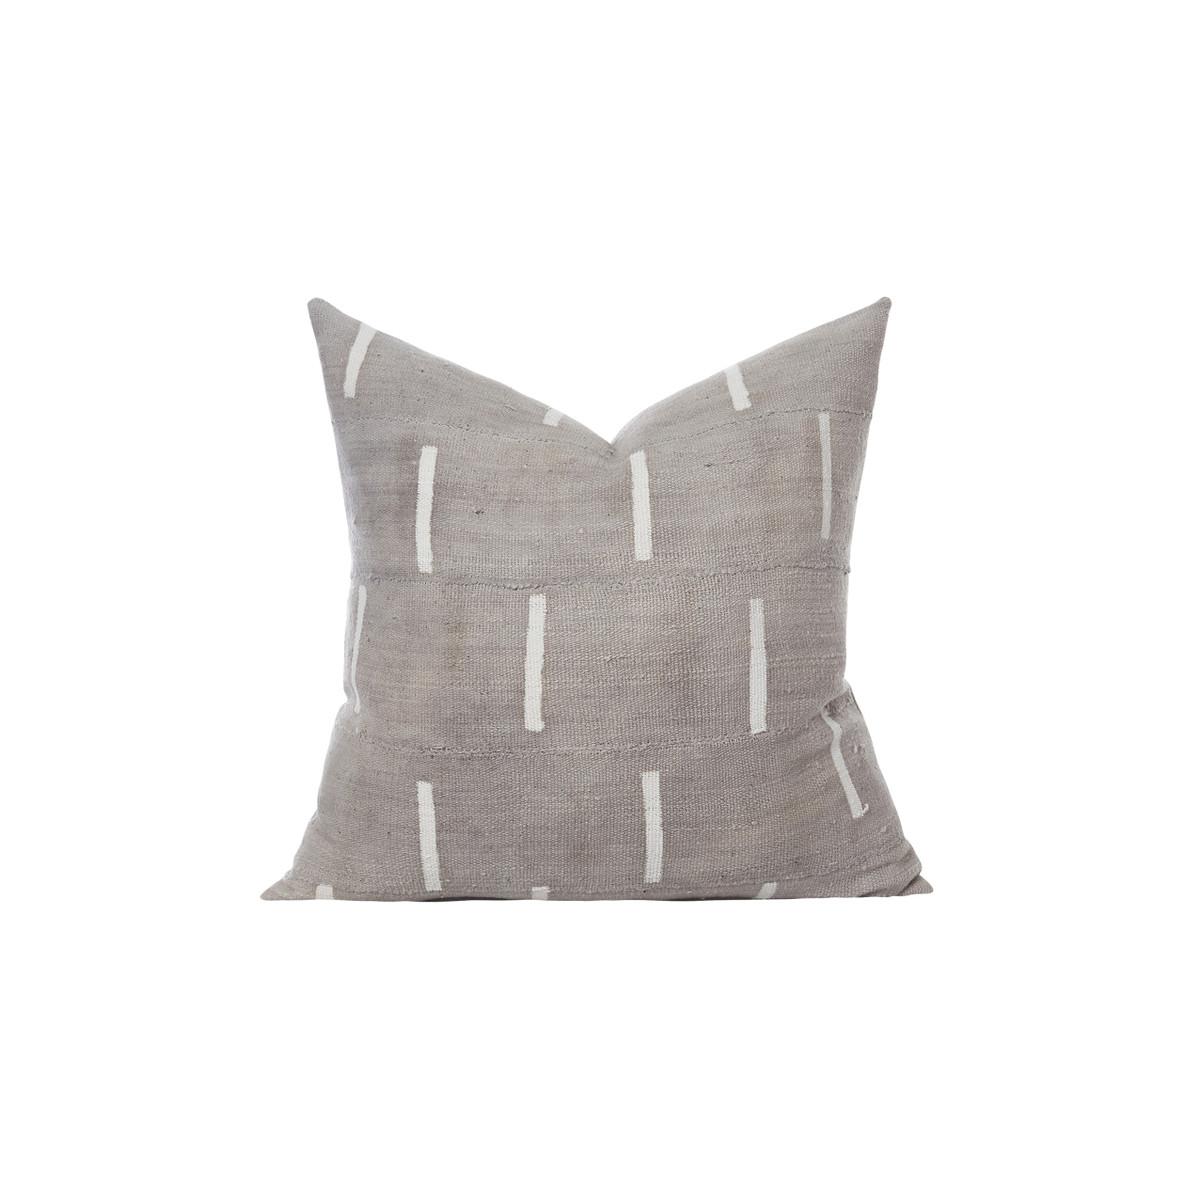 Data Pillow